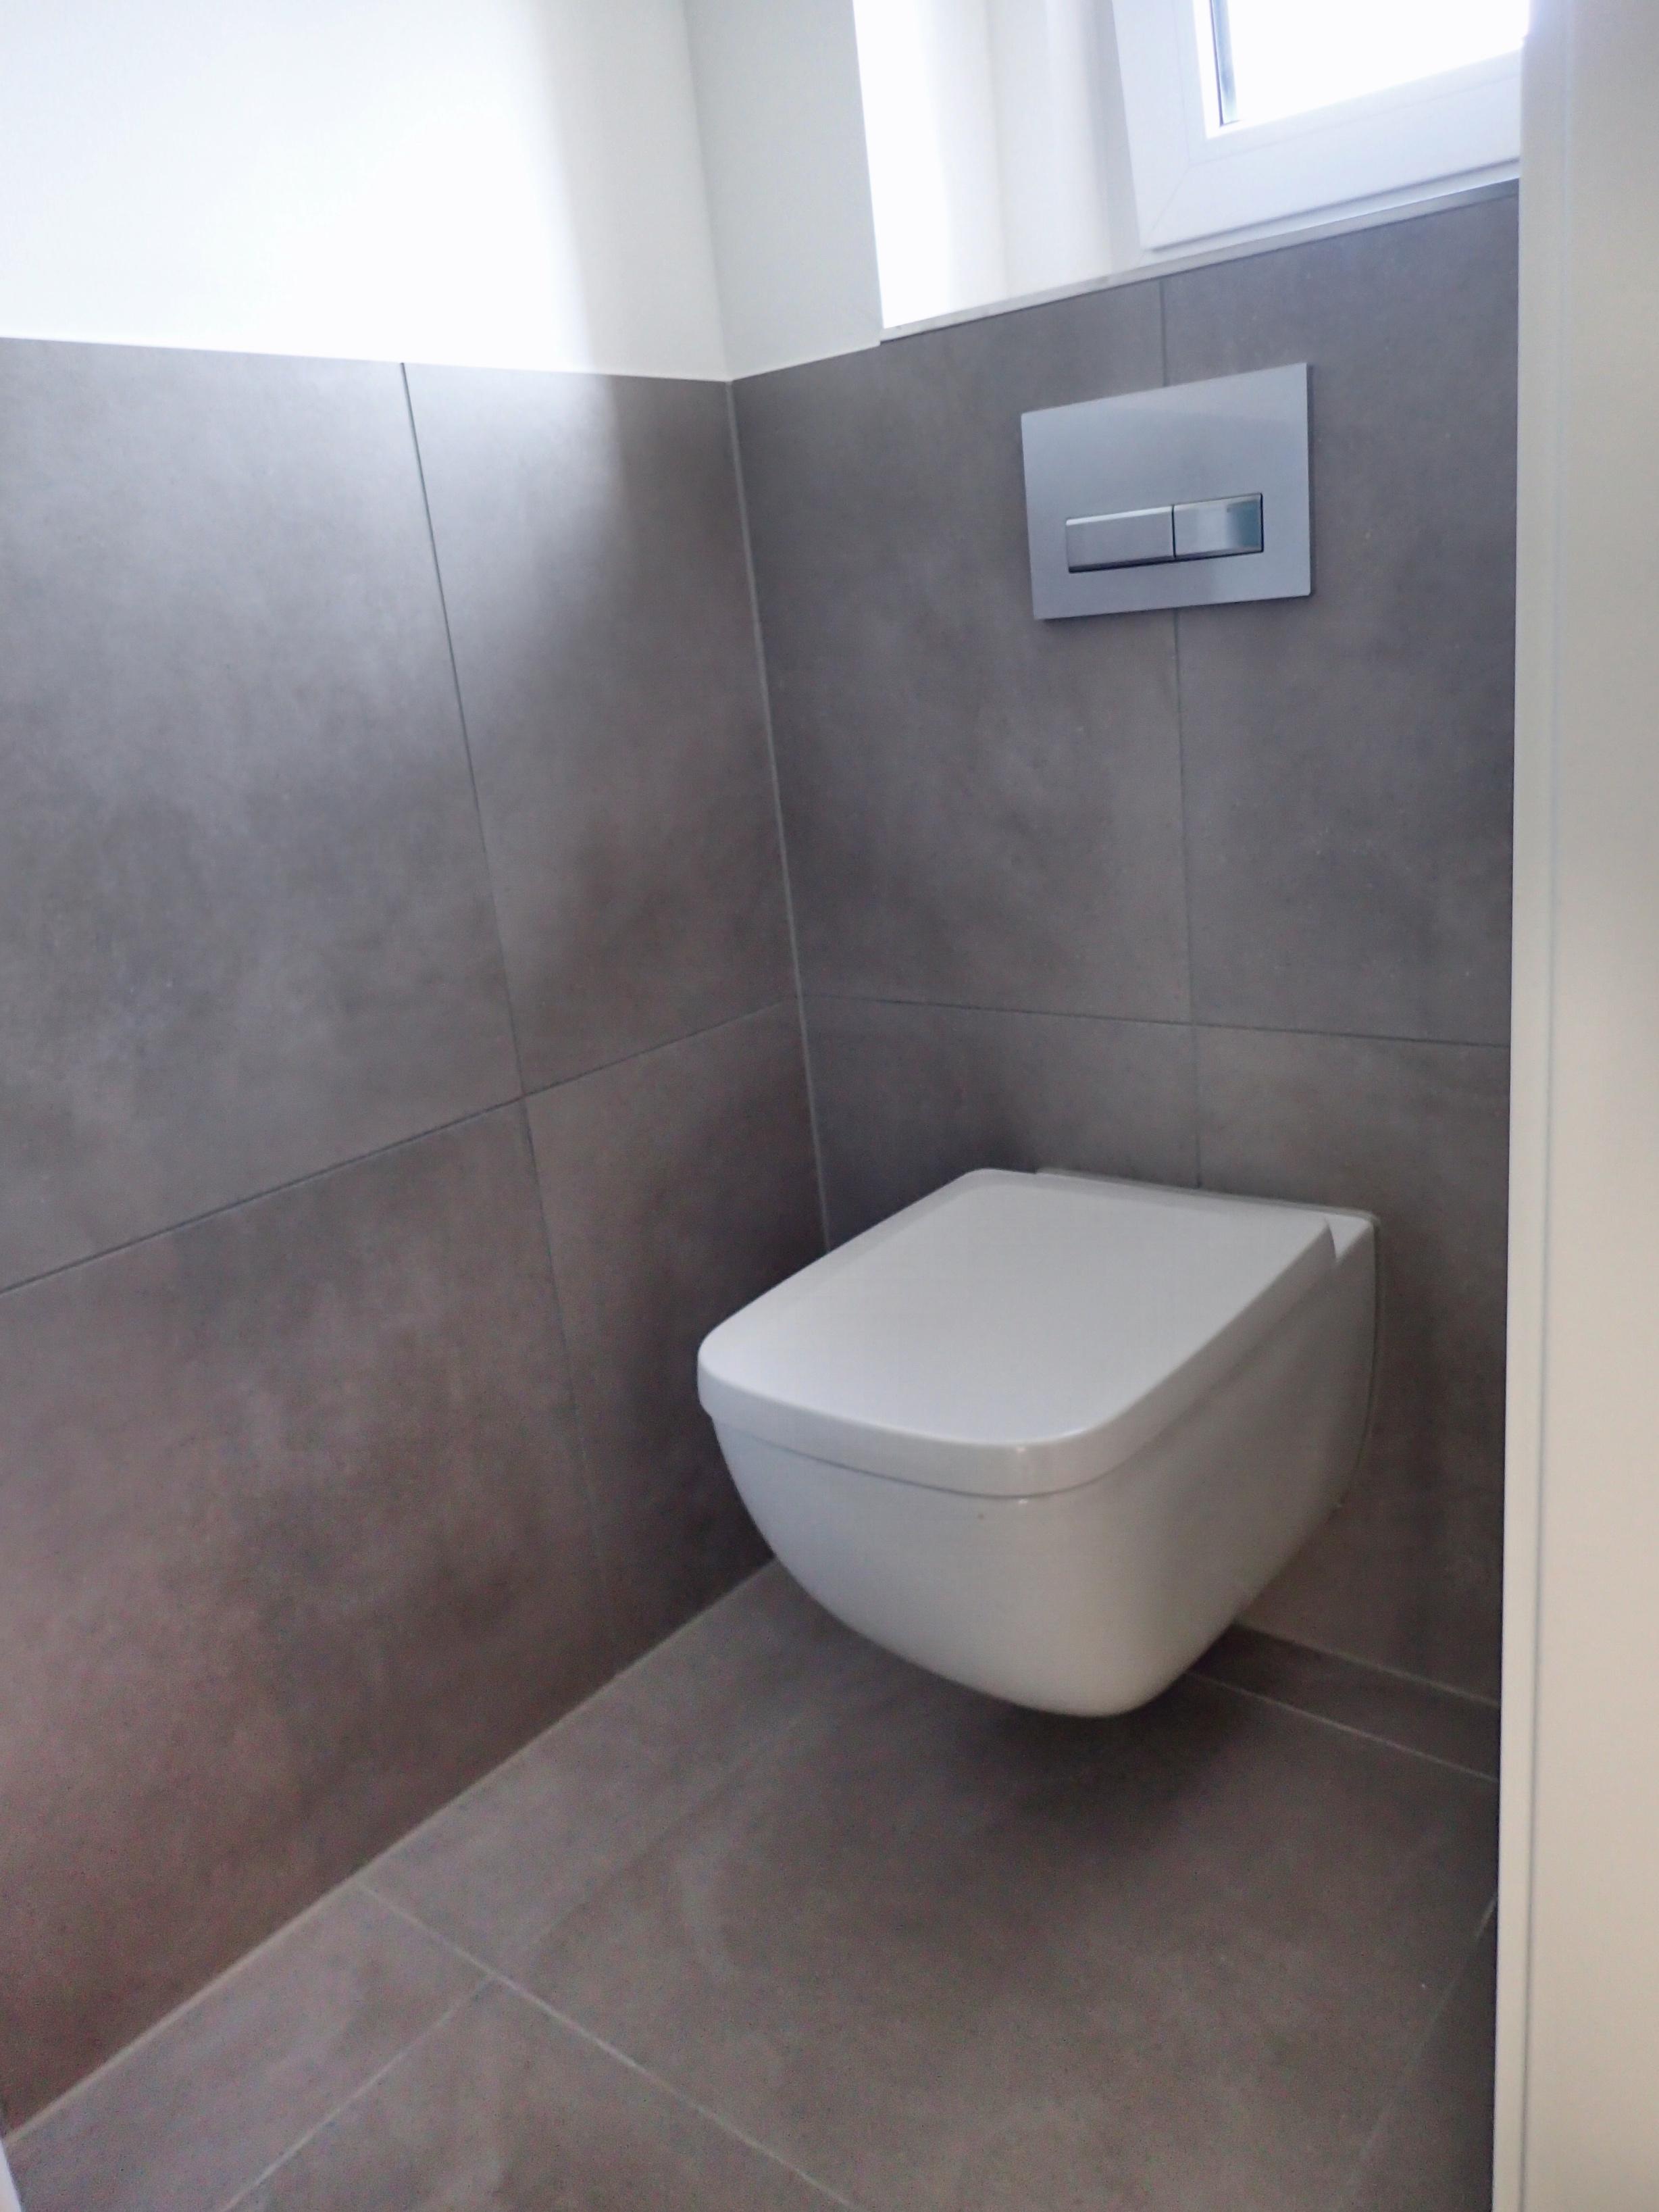 Großformatfliese im WC Bereich – Neben der optischen Größenwirkung beeindruckt die Eleganz vom Fliesen-Großformat.